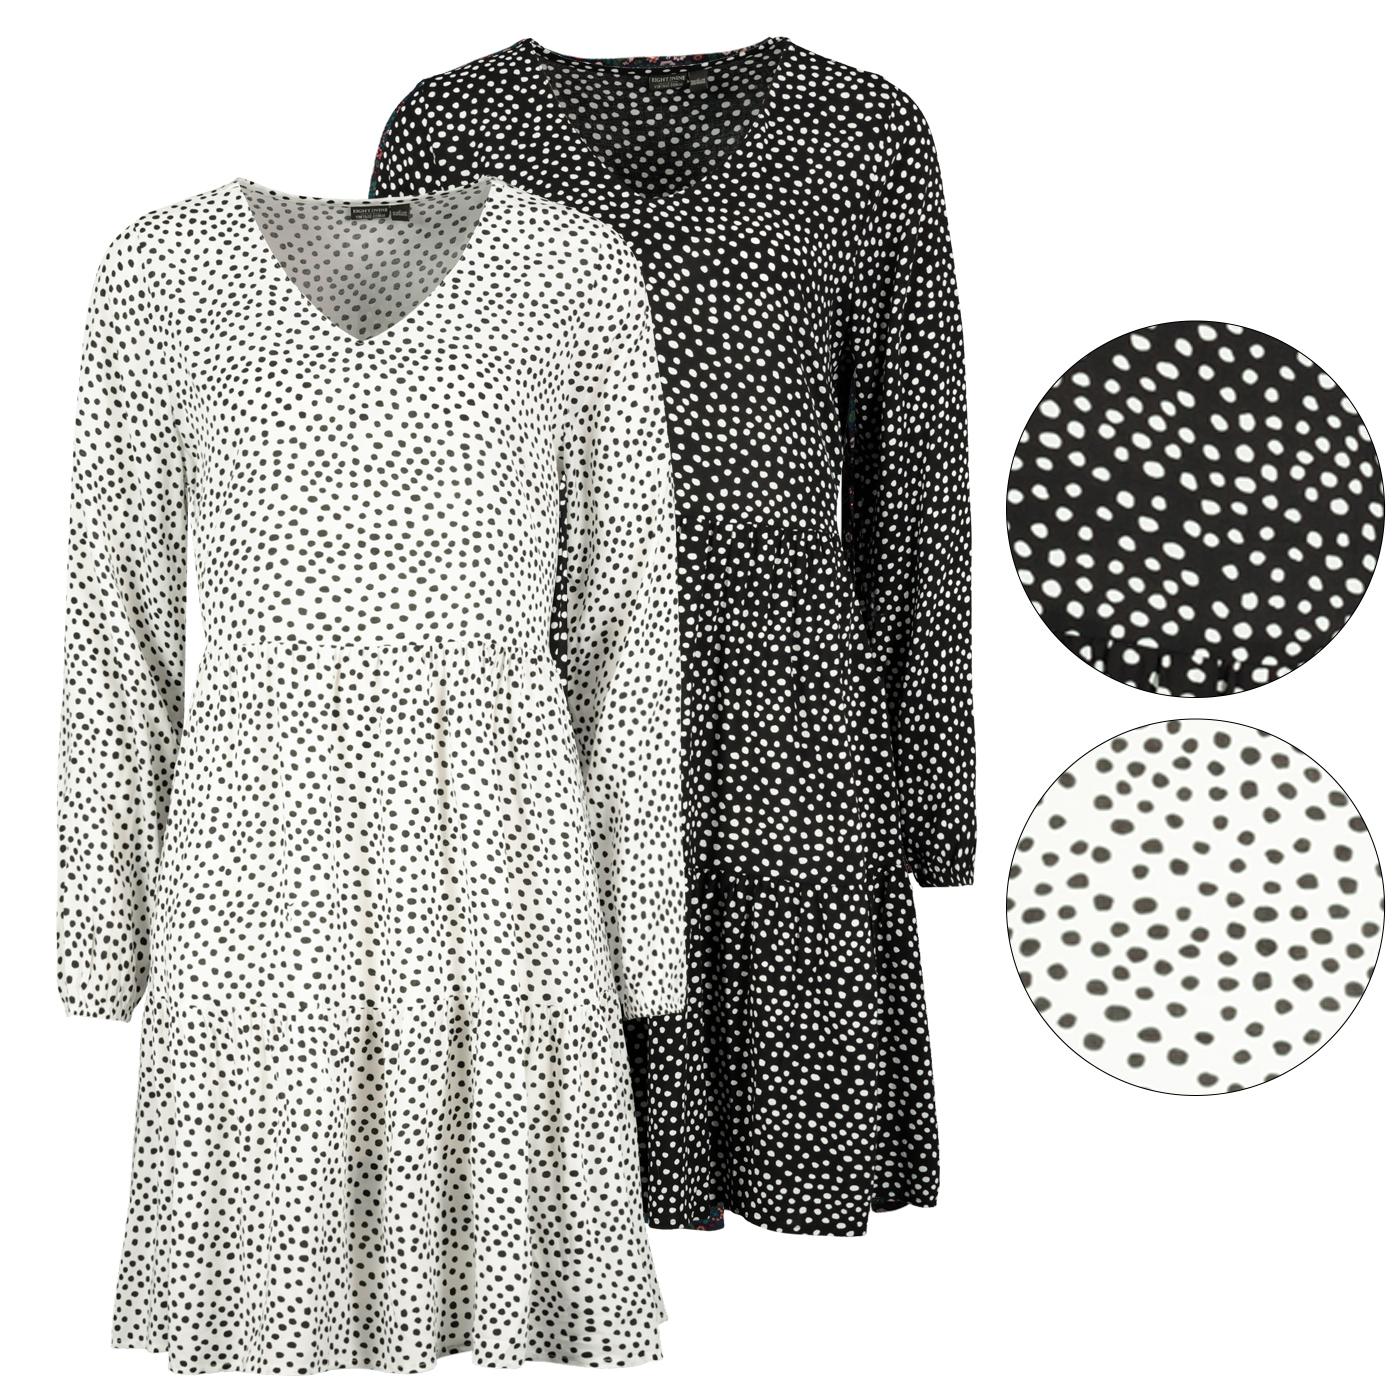 details zu damen kleid gepunktet langarm hängerchen polka dots punkte  volants schwarz weiß